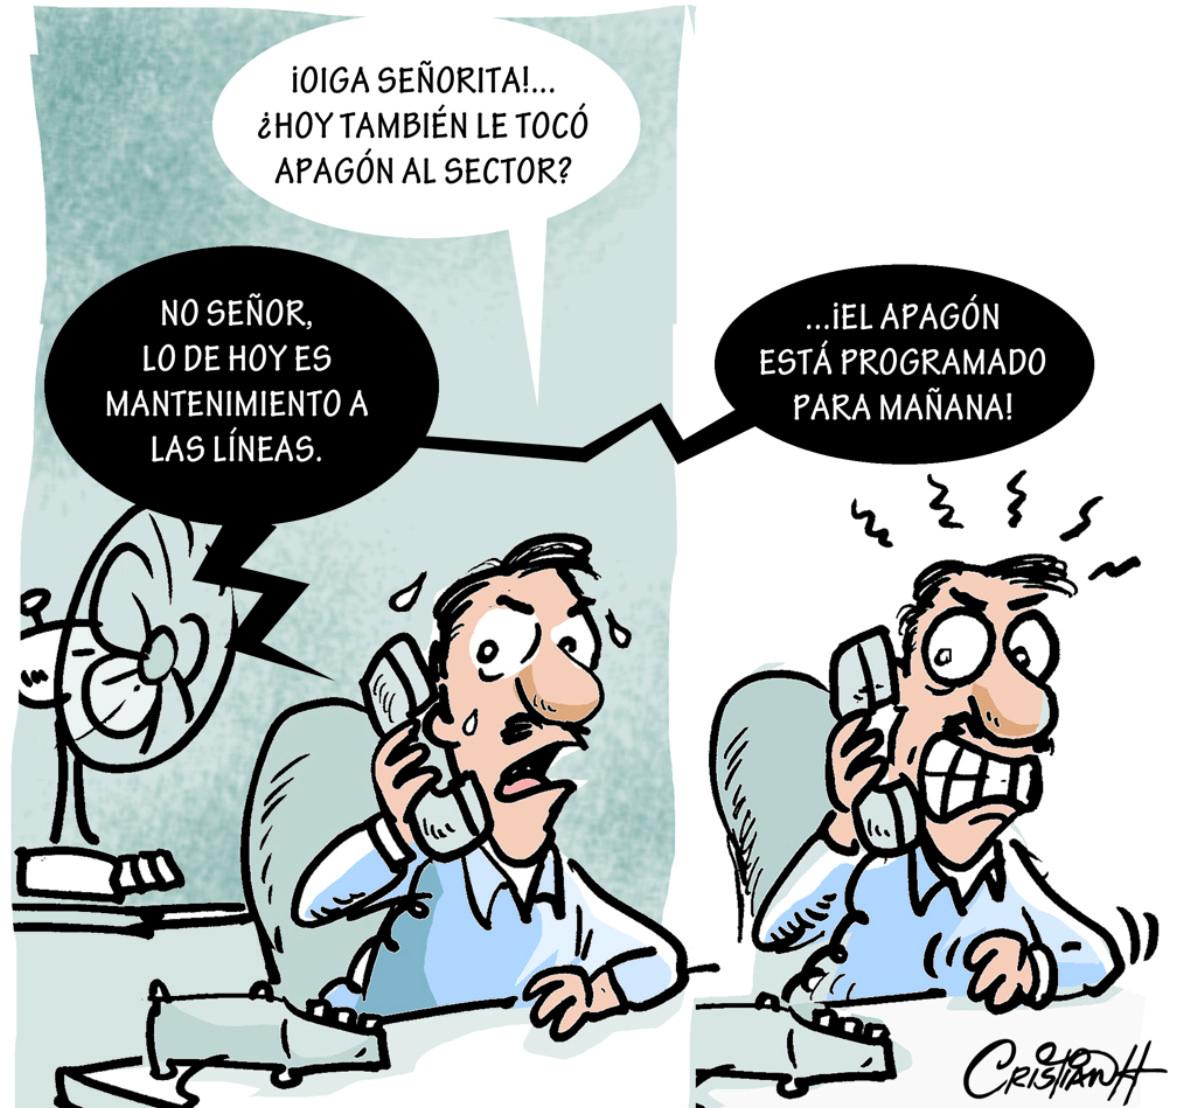 Caricatura Cristian Caricaturas – El Día, 10 de Octubre 2018